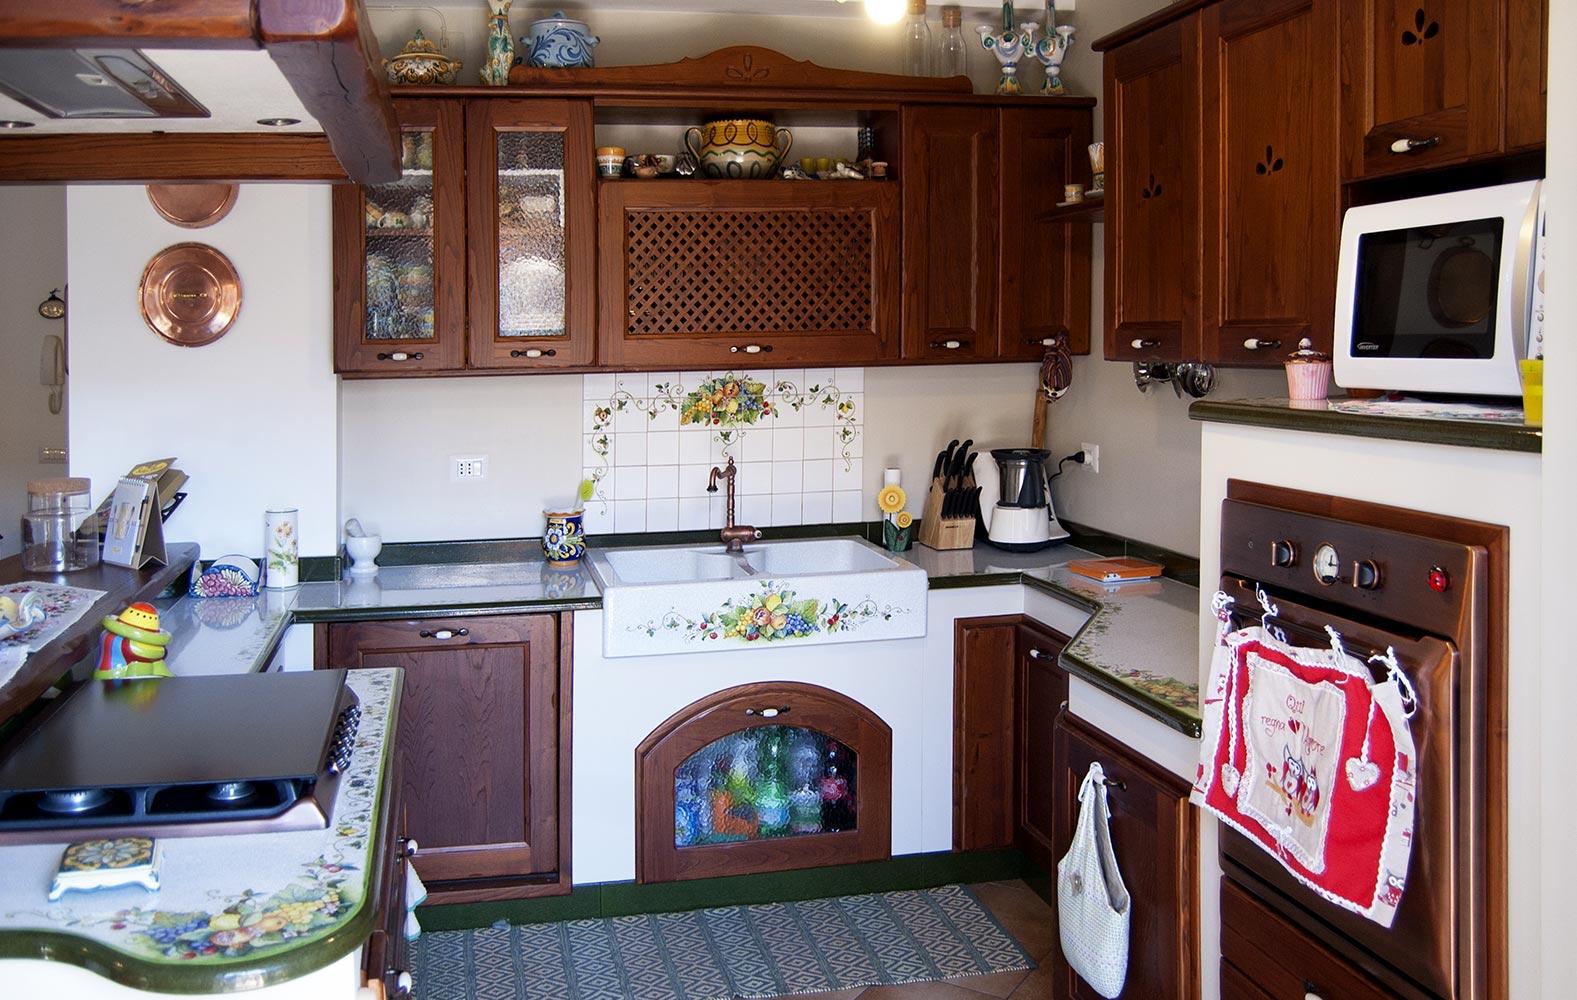 Penisola Cucina In Muratura cucine moderne ecologiche in muratura smontabile modello giarre